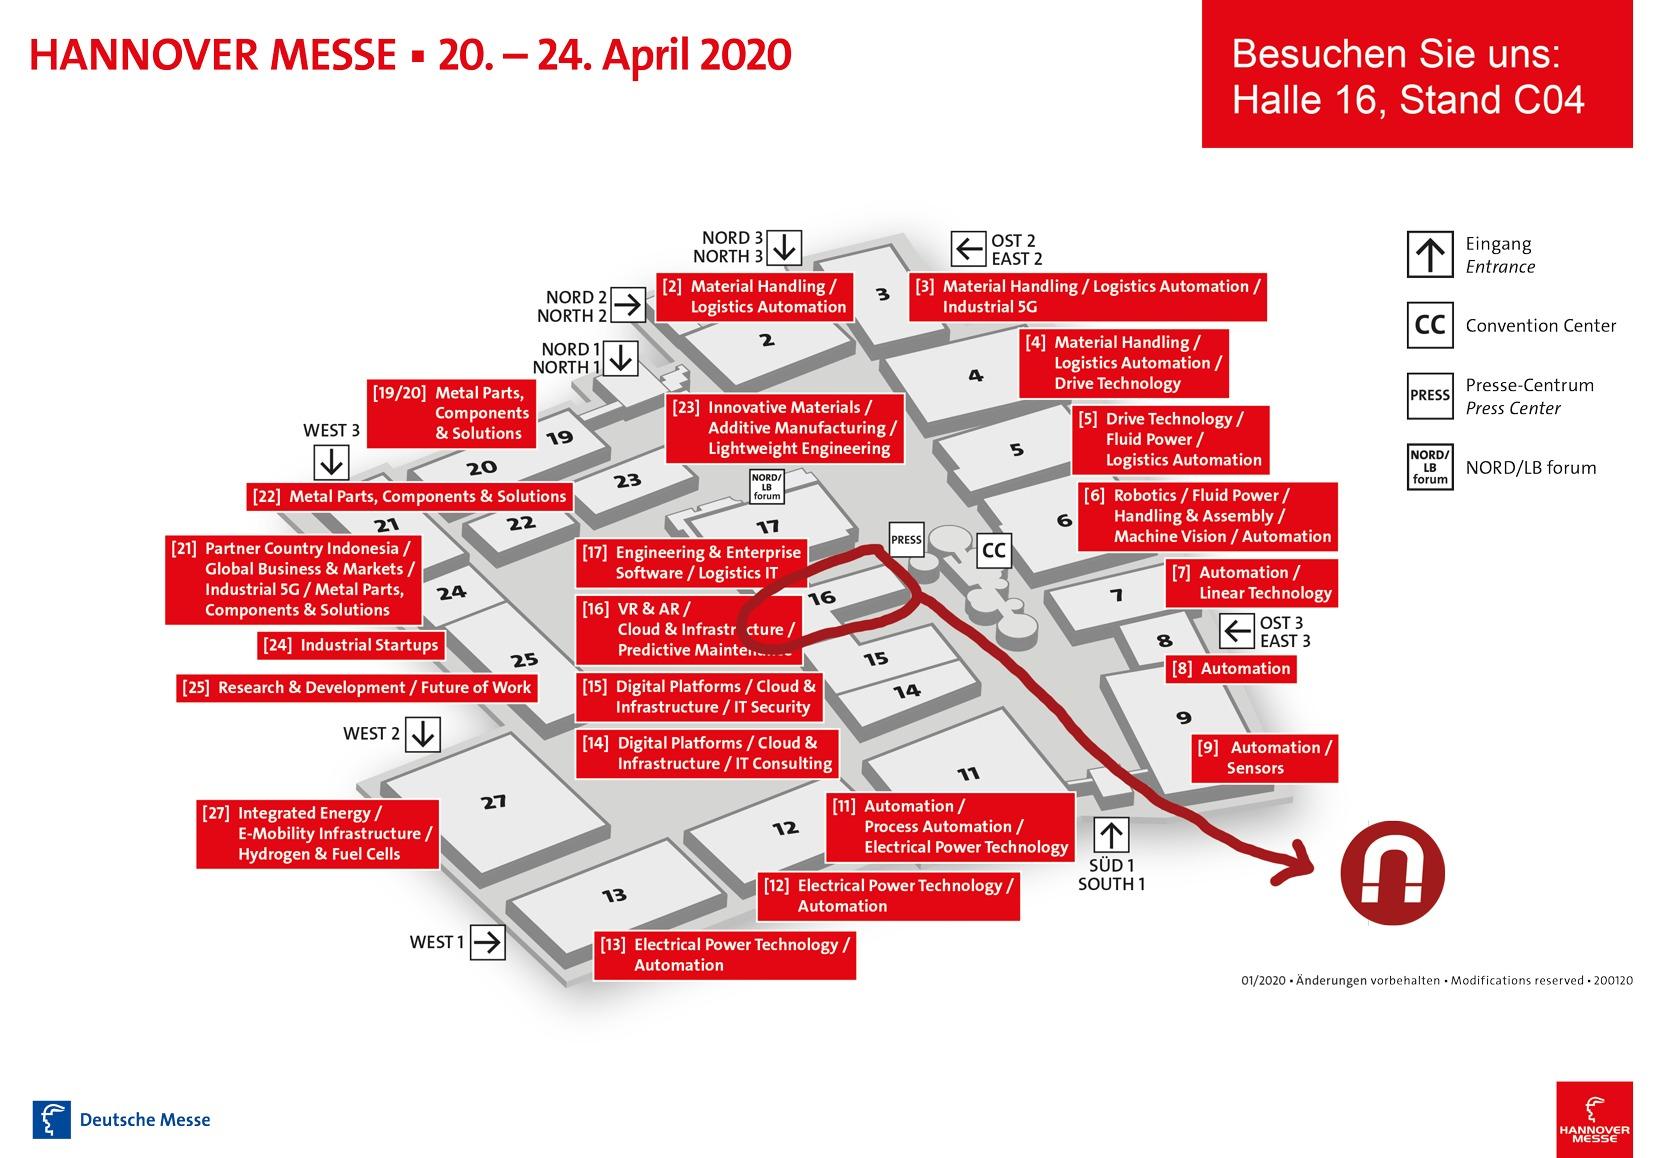 vorl.Hallenplan HM 20 - Hannover Messe 2020